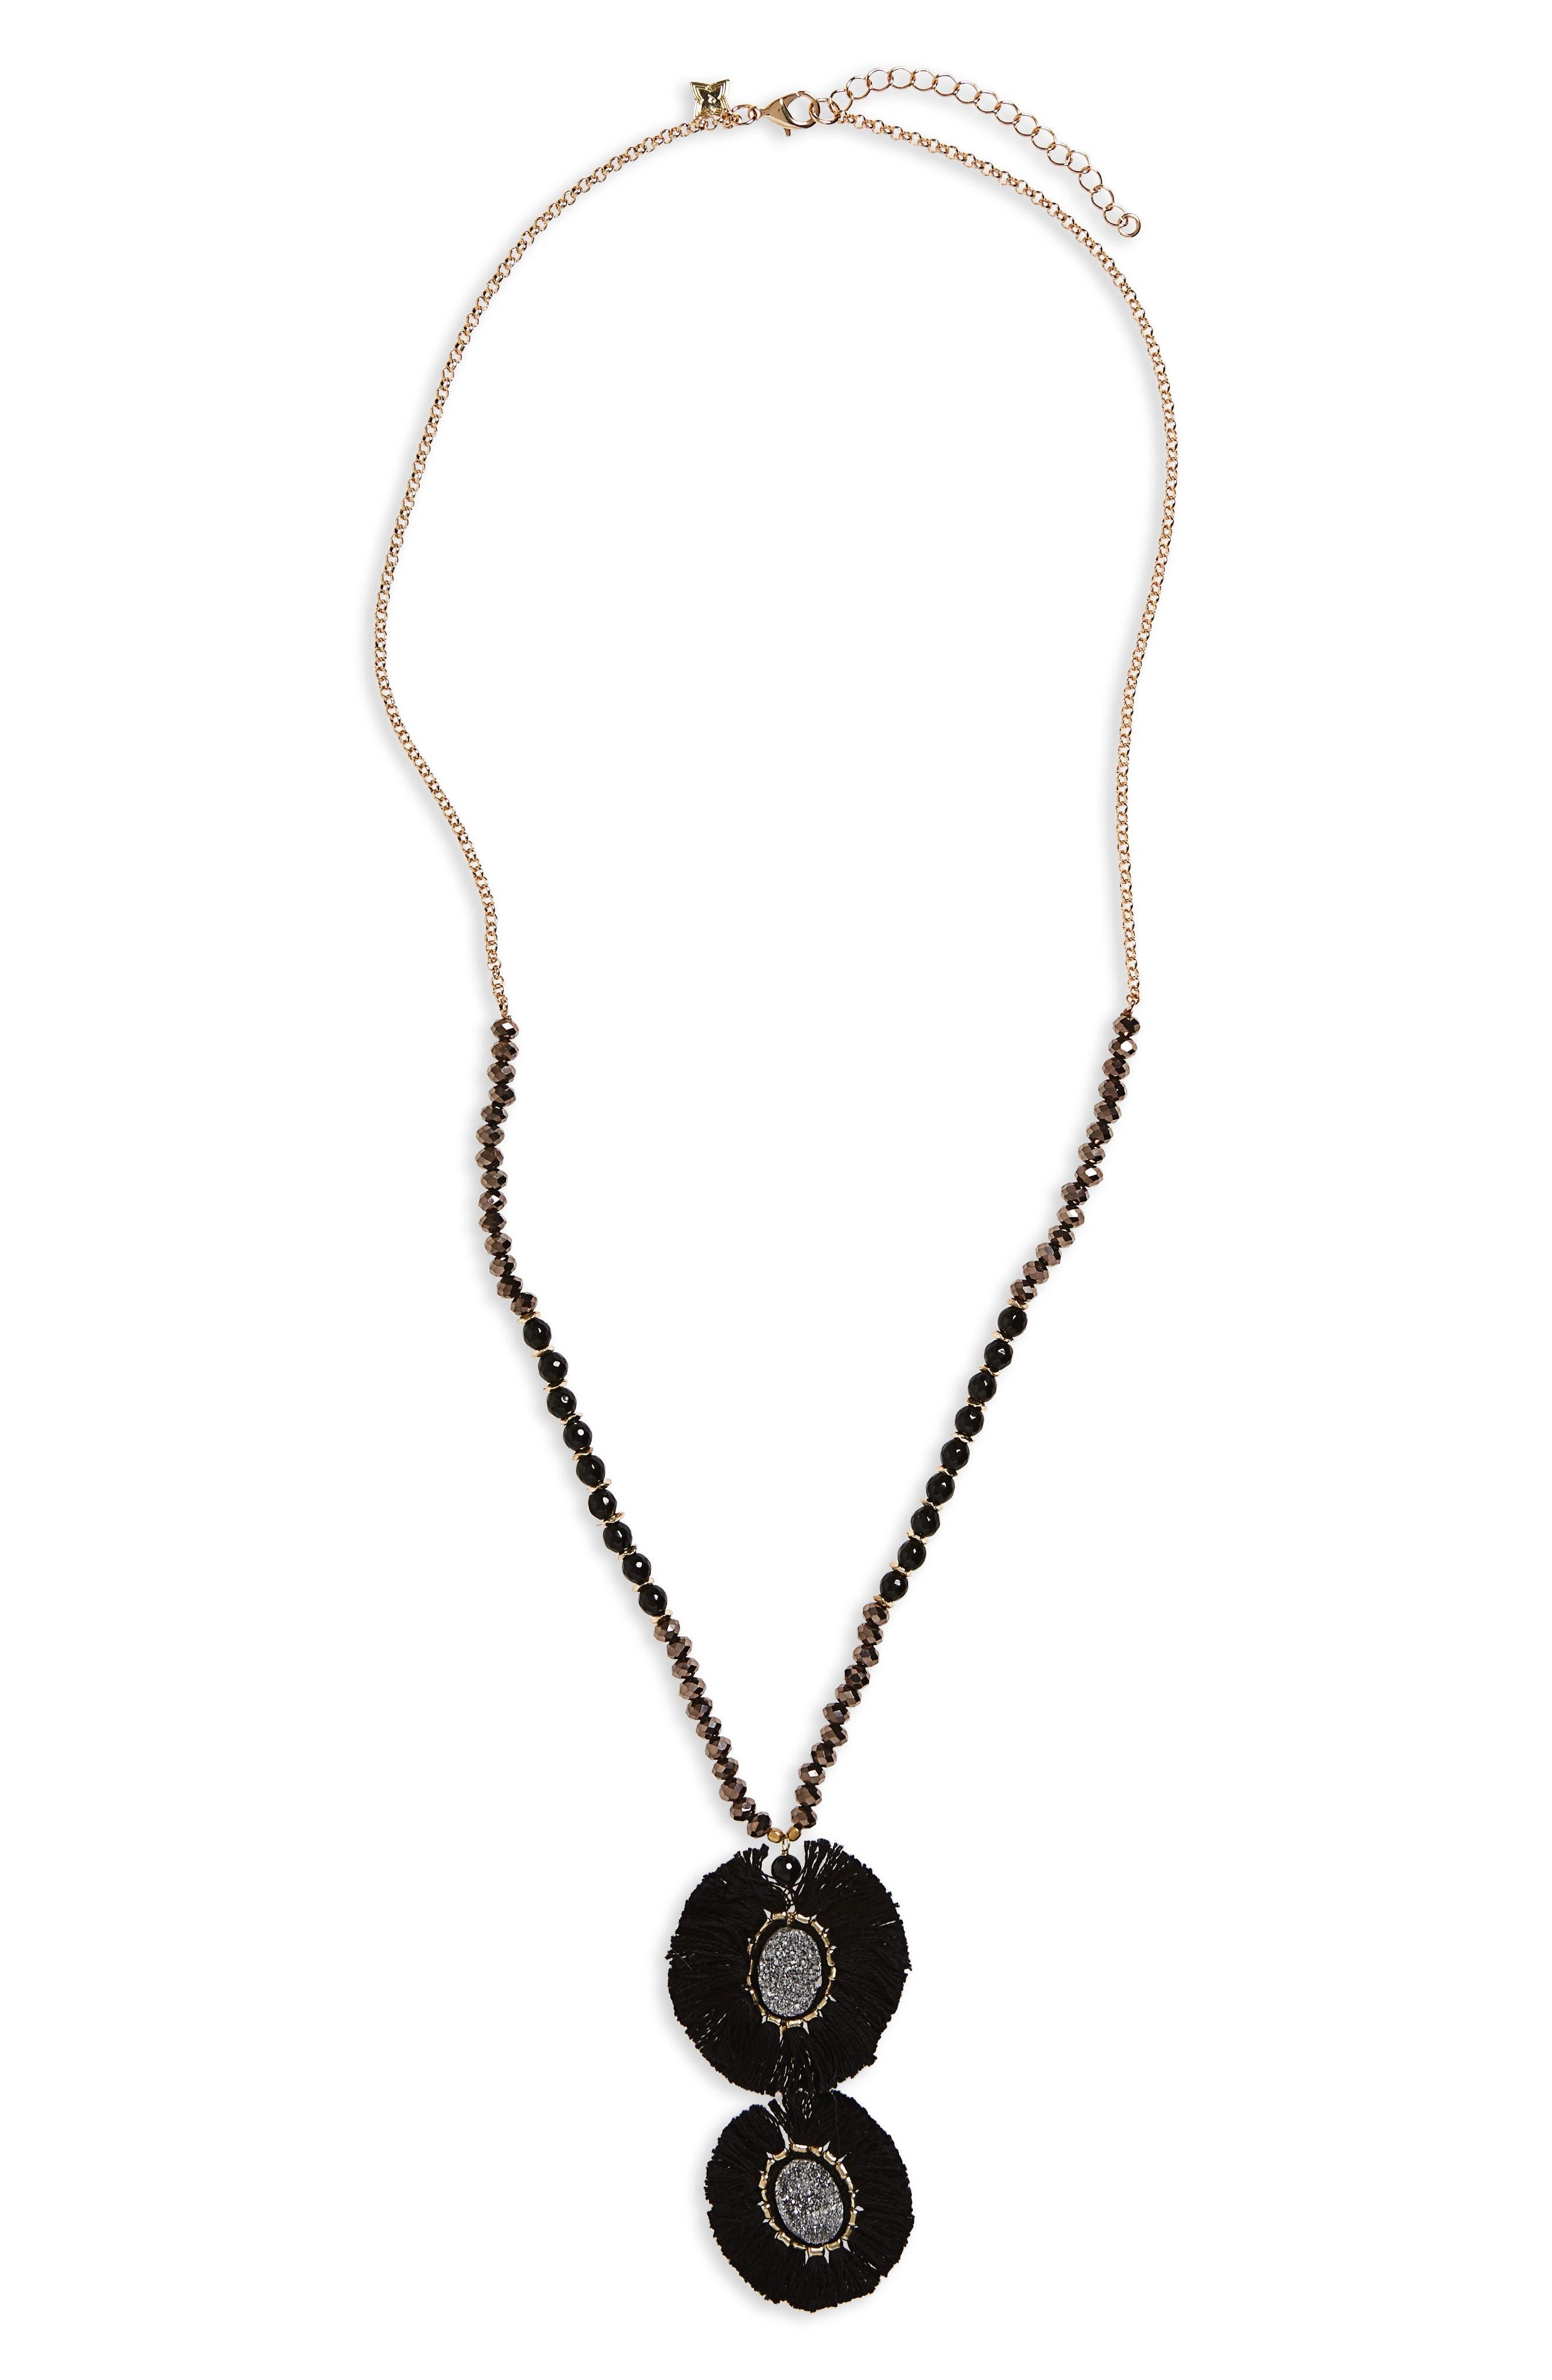 Main Image - Panacea Circle Fringe Pendant Necklace